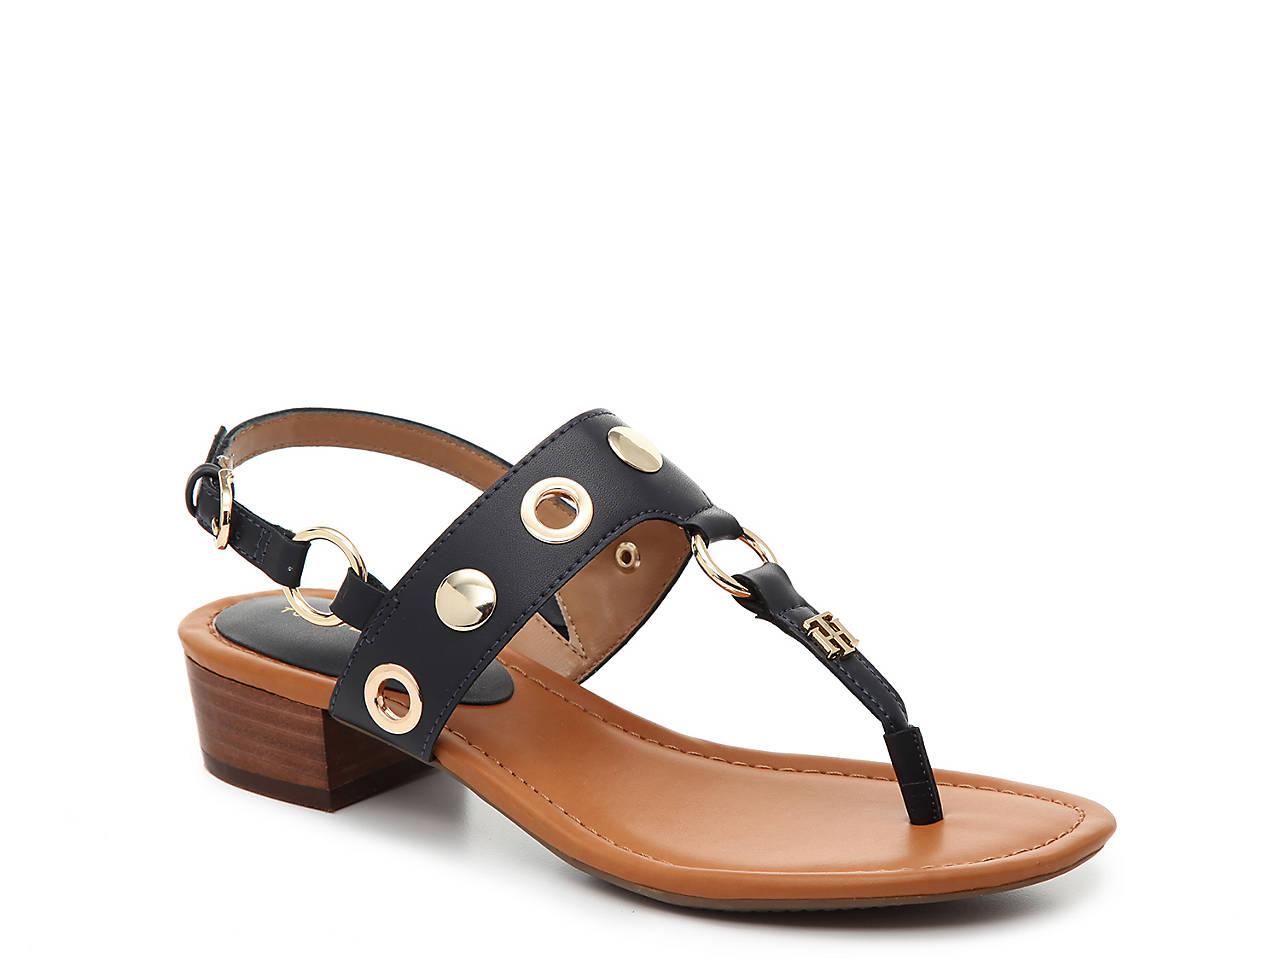 c66889bf68f Tommy Hilfiger Kinlee Sandal Men s Shoes